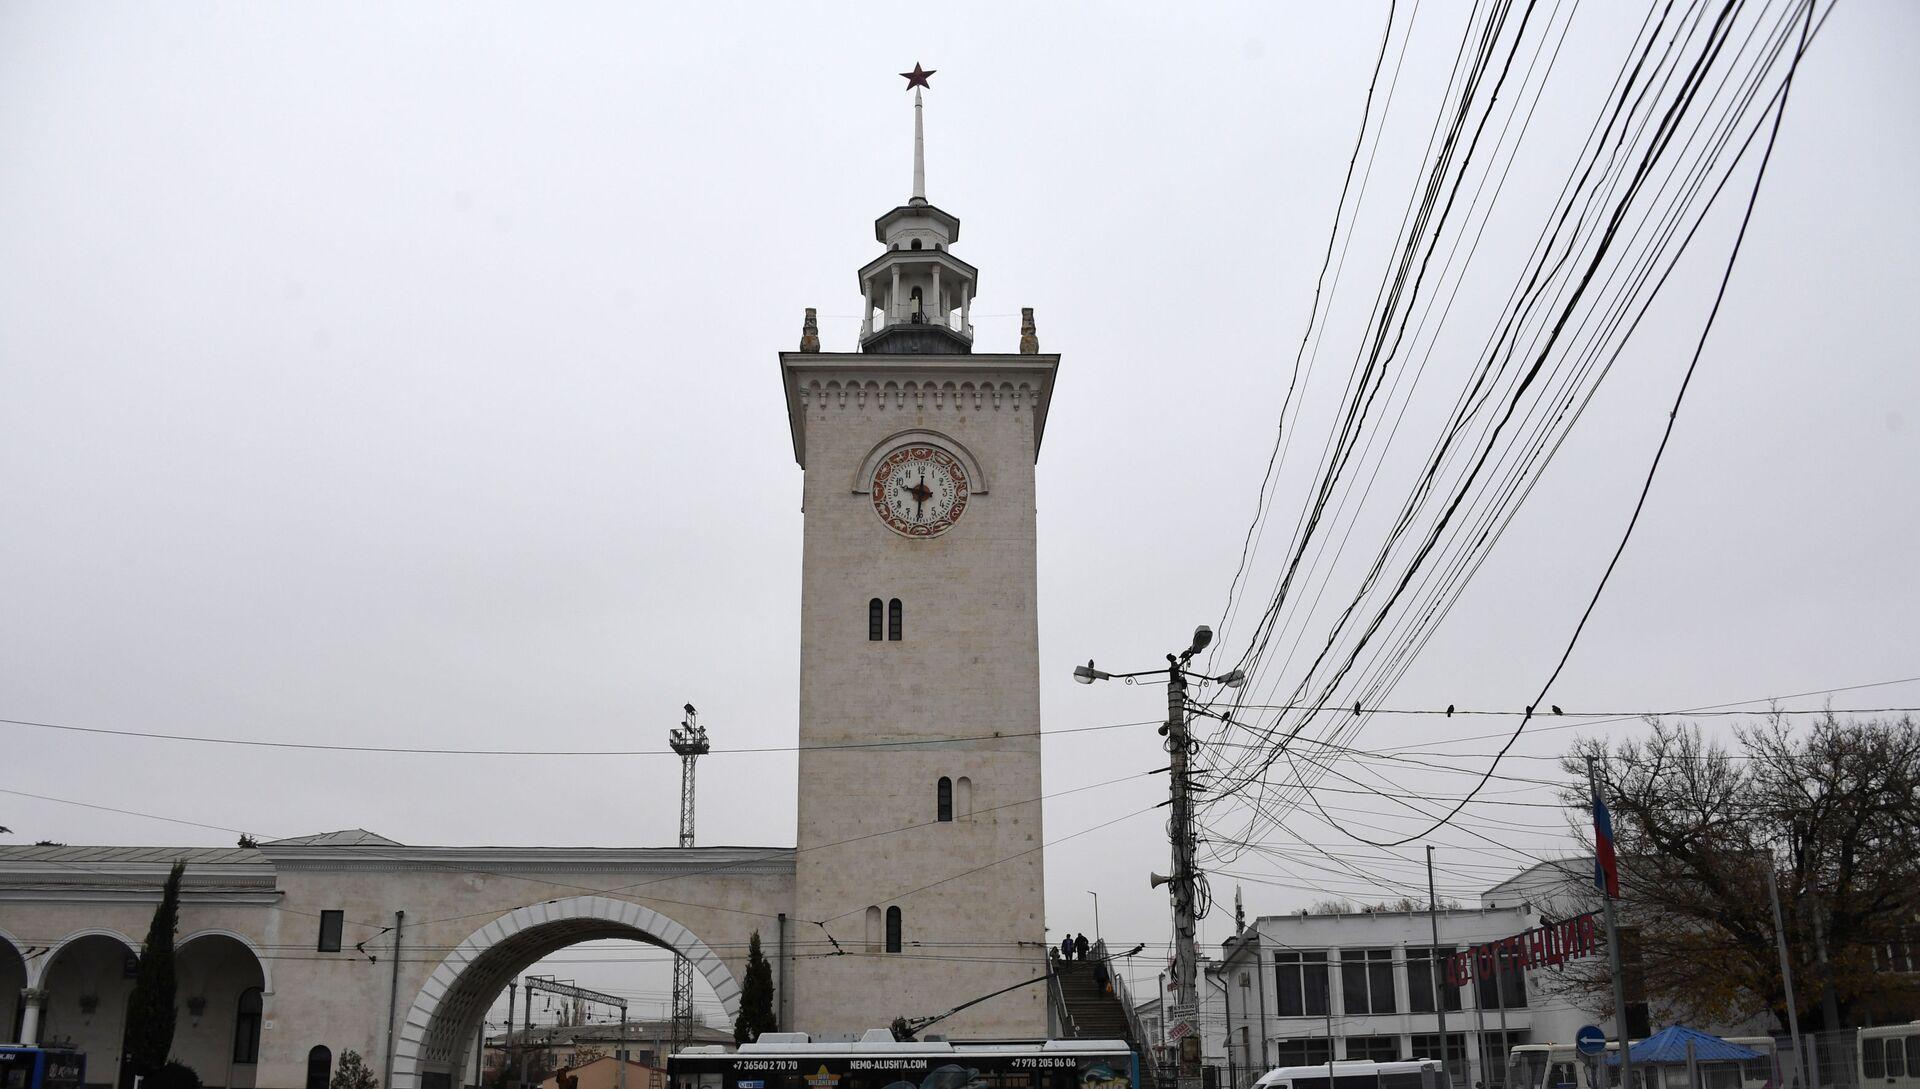 ЖД вокзал в городе Симферополь - РИА Новости, 1920, 02.03.2020